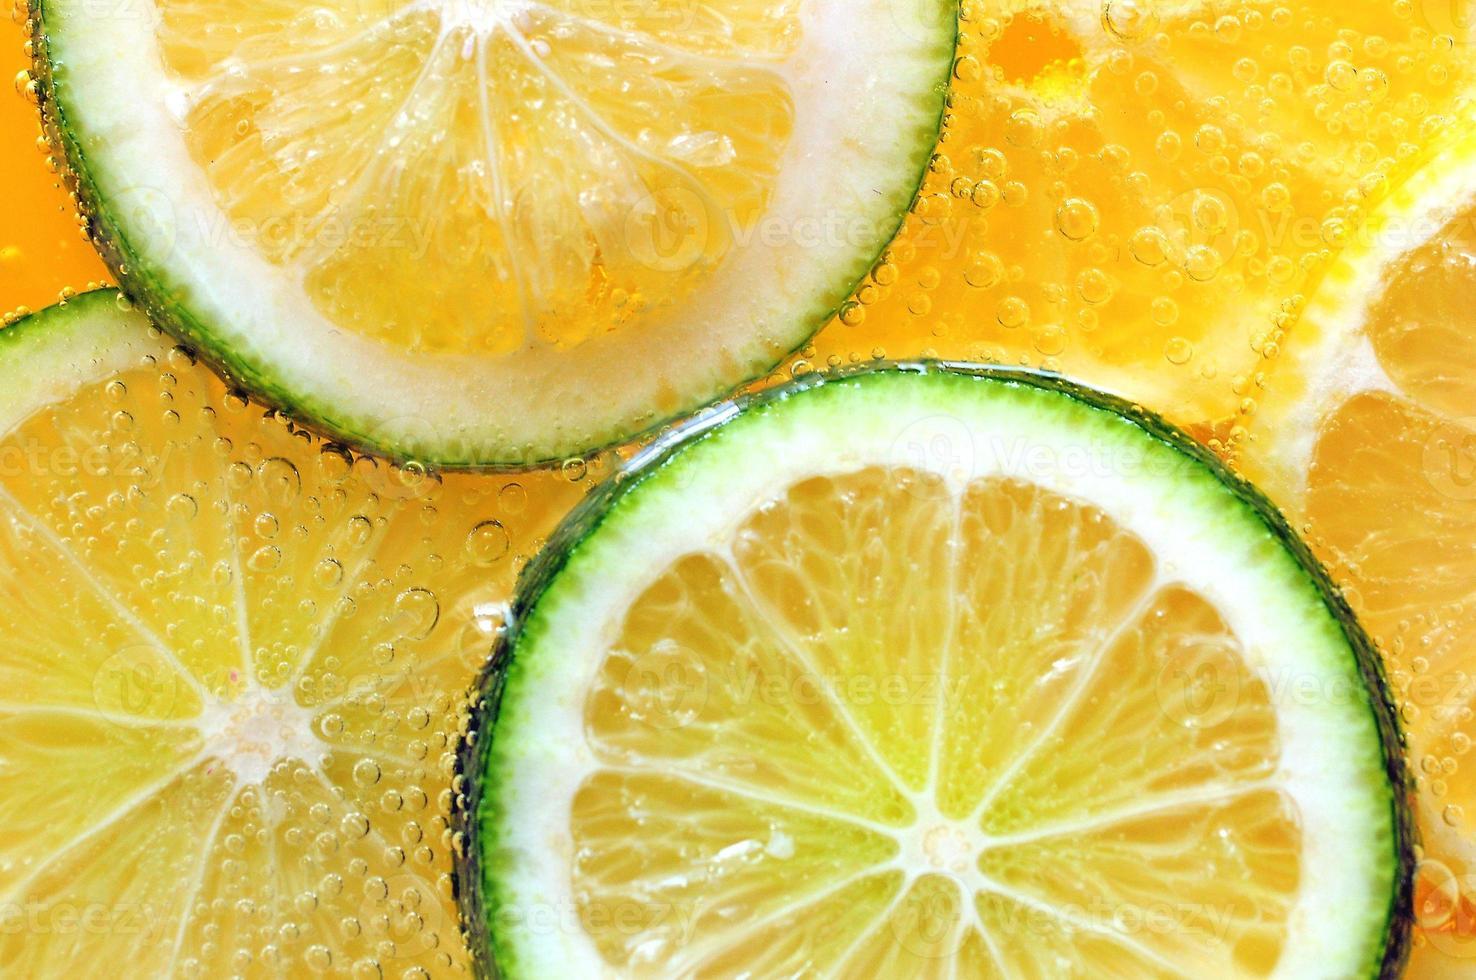 citrusvruchten plakjes close-up foto